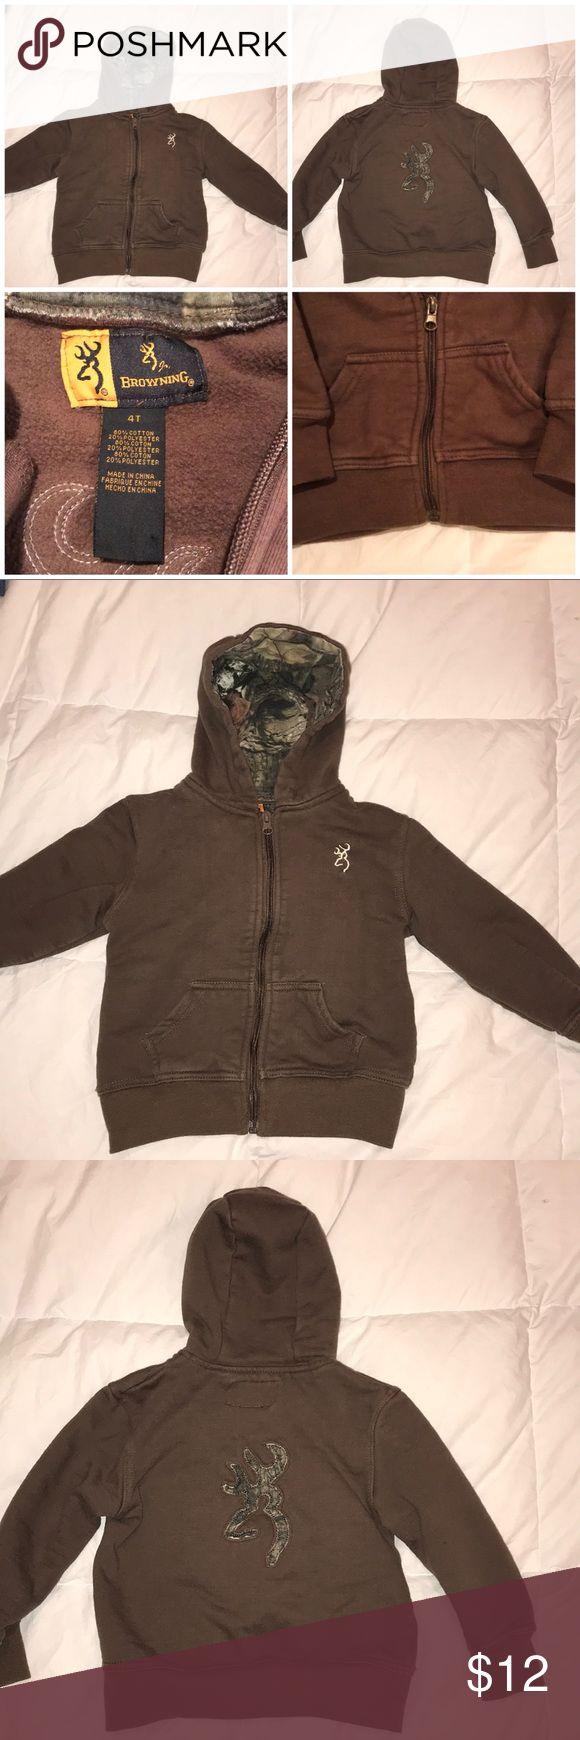 **LIKE NEW** Browning zip up hoodie **LIKE NEW** Browning zip up hoodie Browning Shirts & Tops Sweatshirts & Hoodies